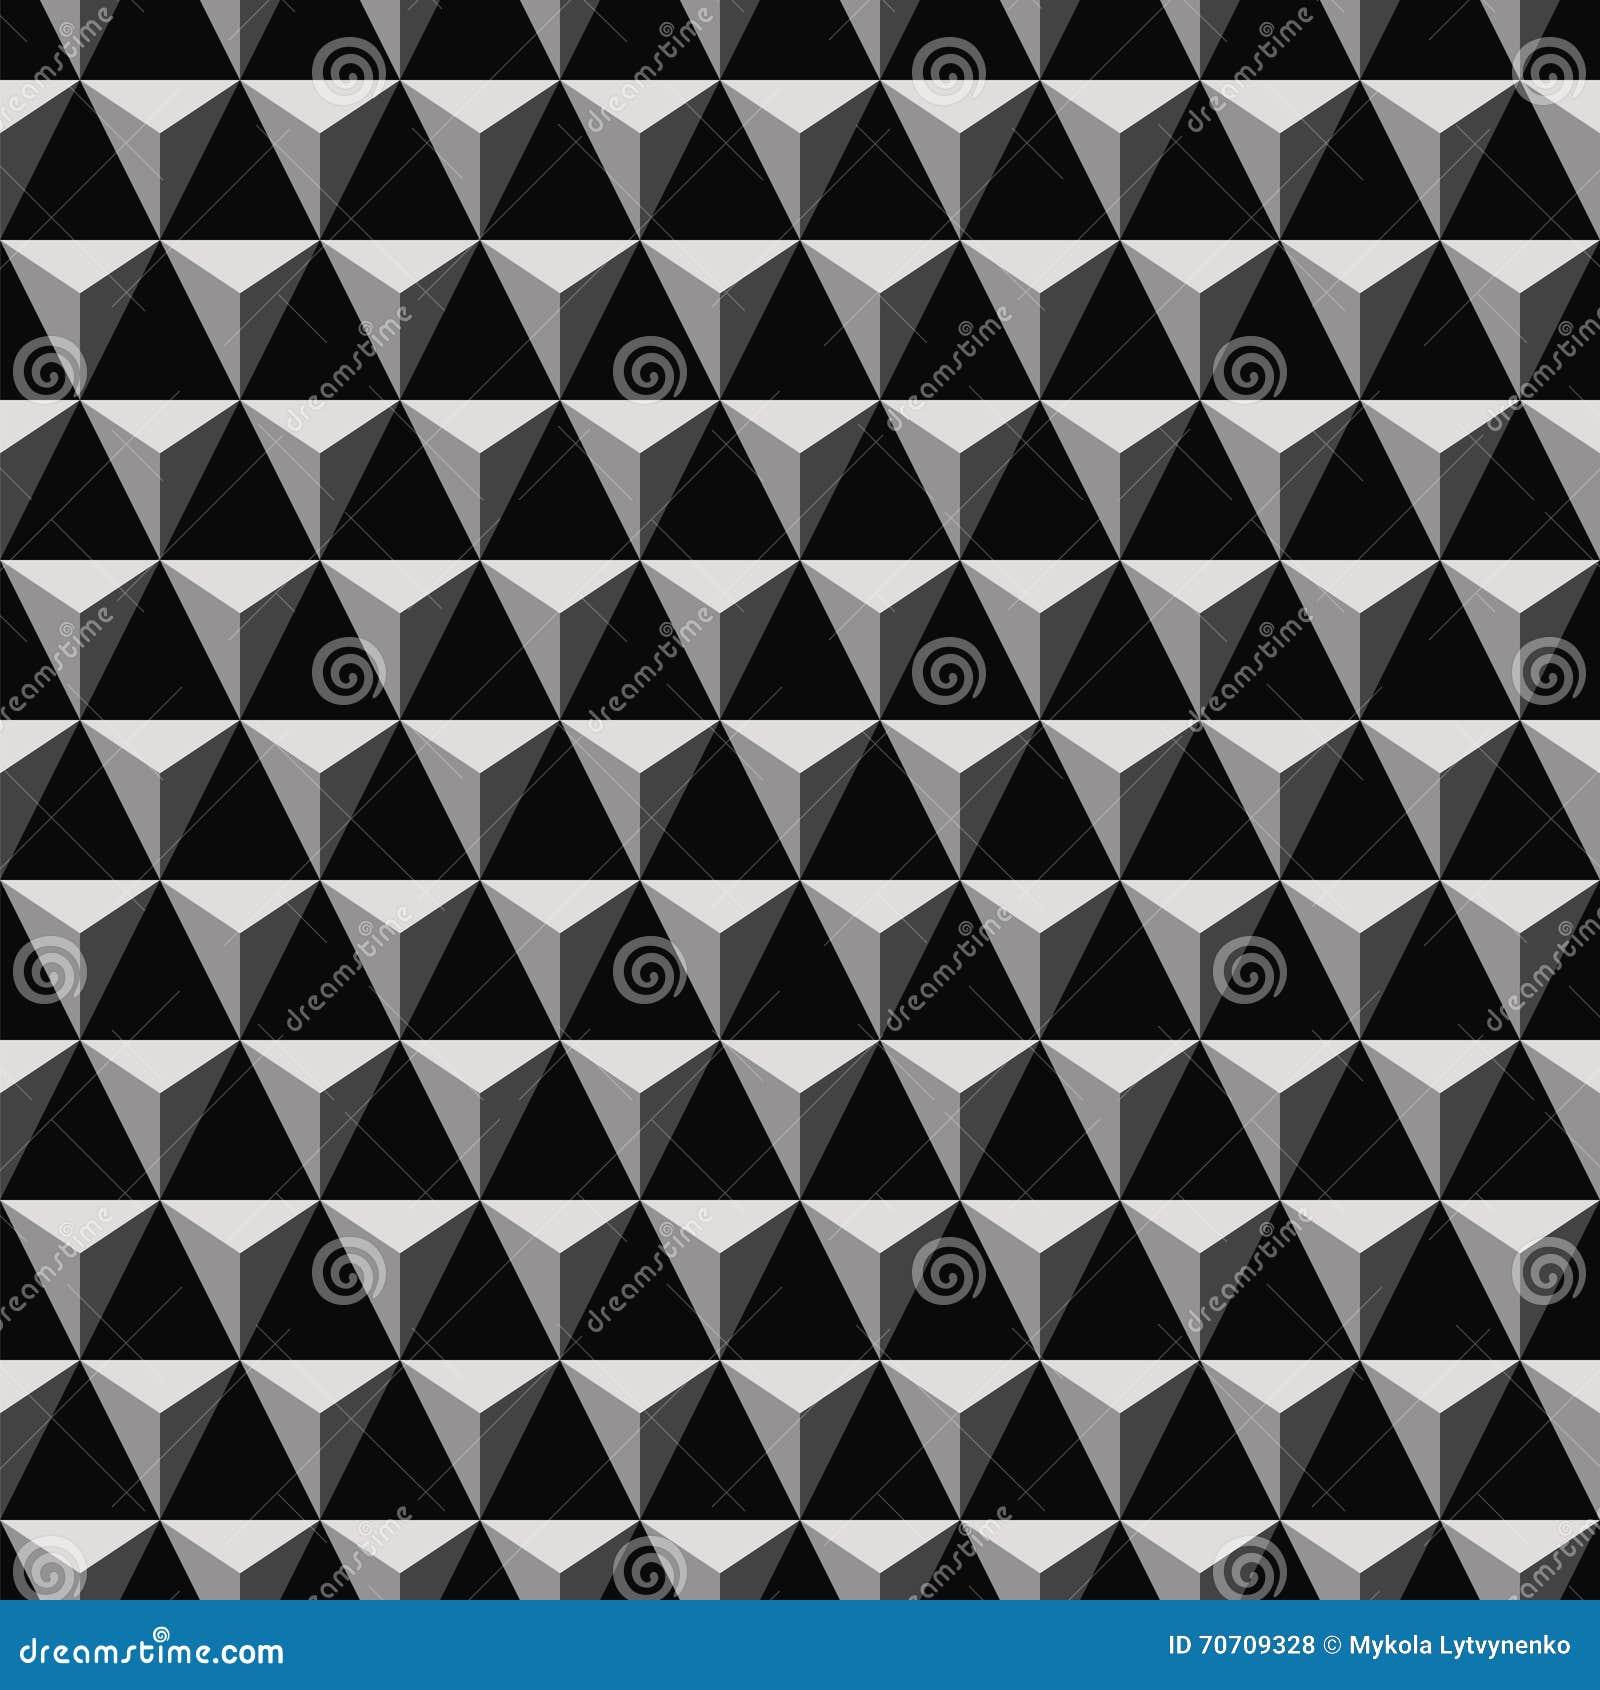 3D Triangular Pyramid Pattern Stock Vector - Illustration of ...